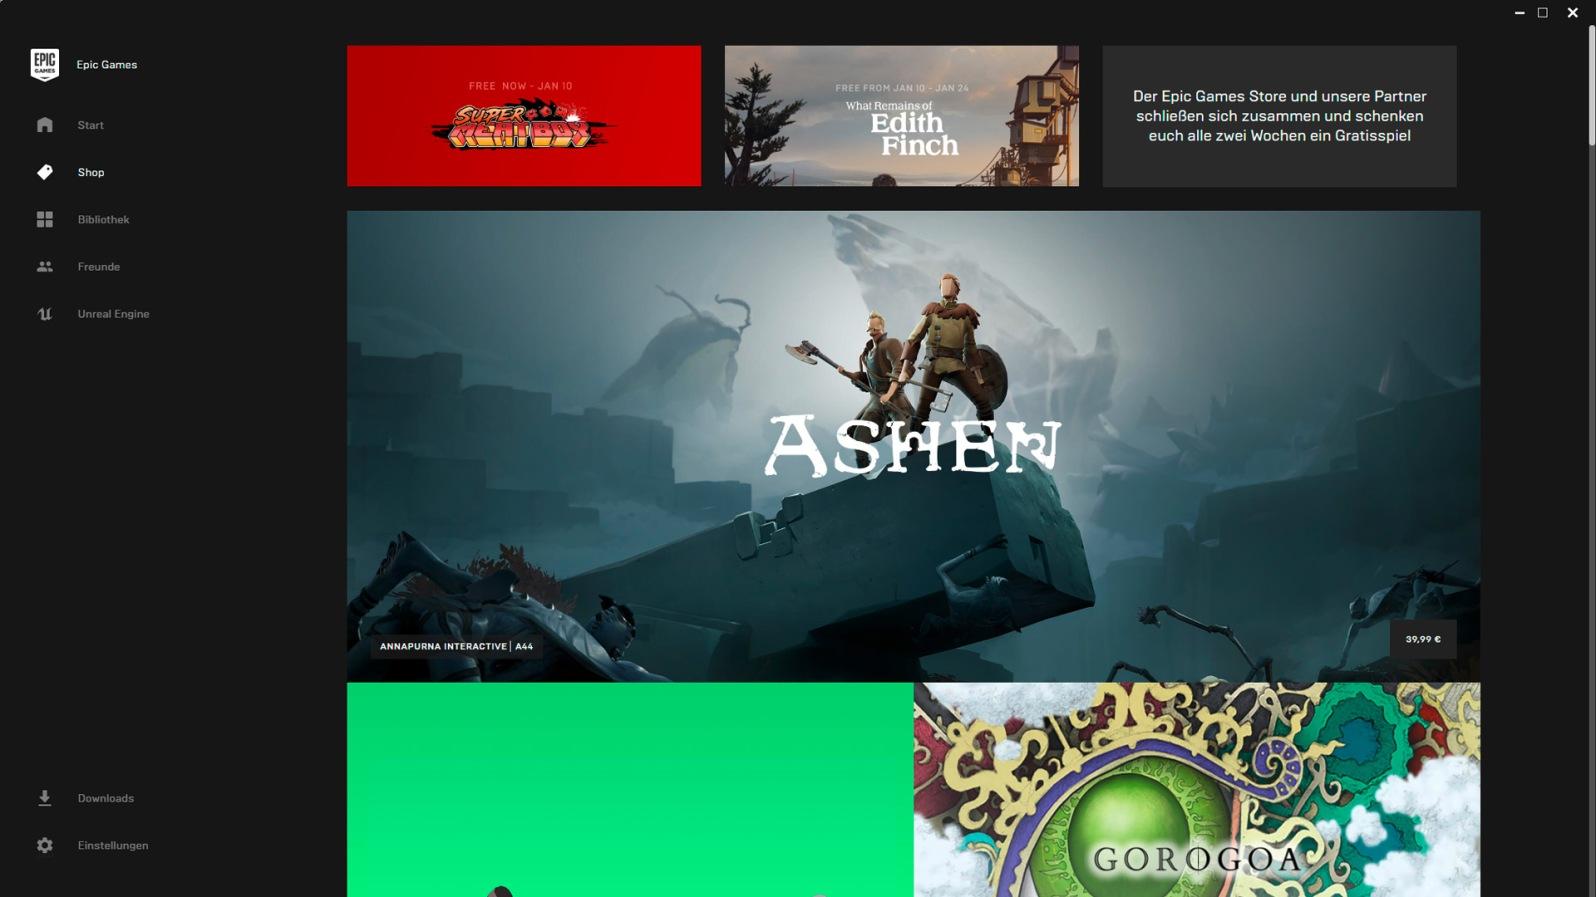 Quelle: Epic Games Store - Gratis-Spiele im Monat Januar (Super Meat Boy & What Remains of Edith Finch)